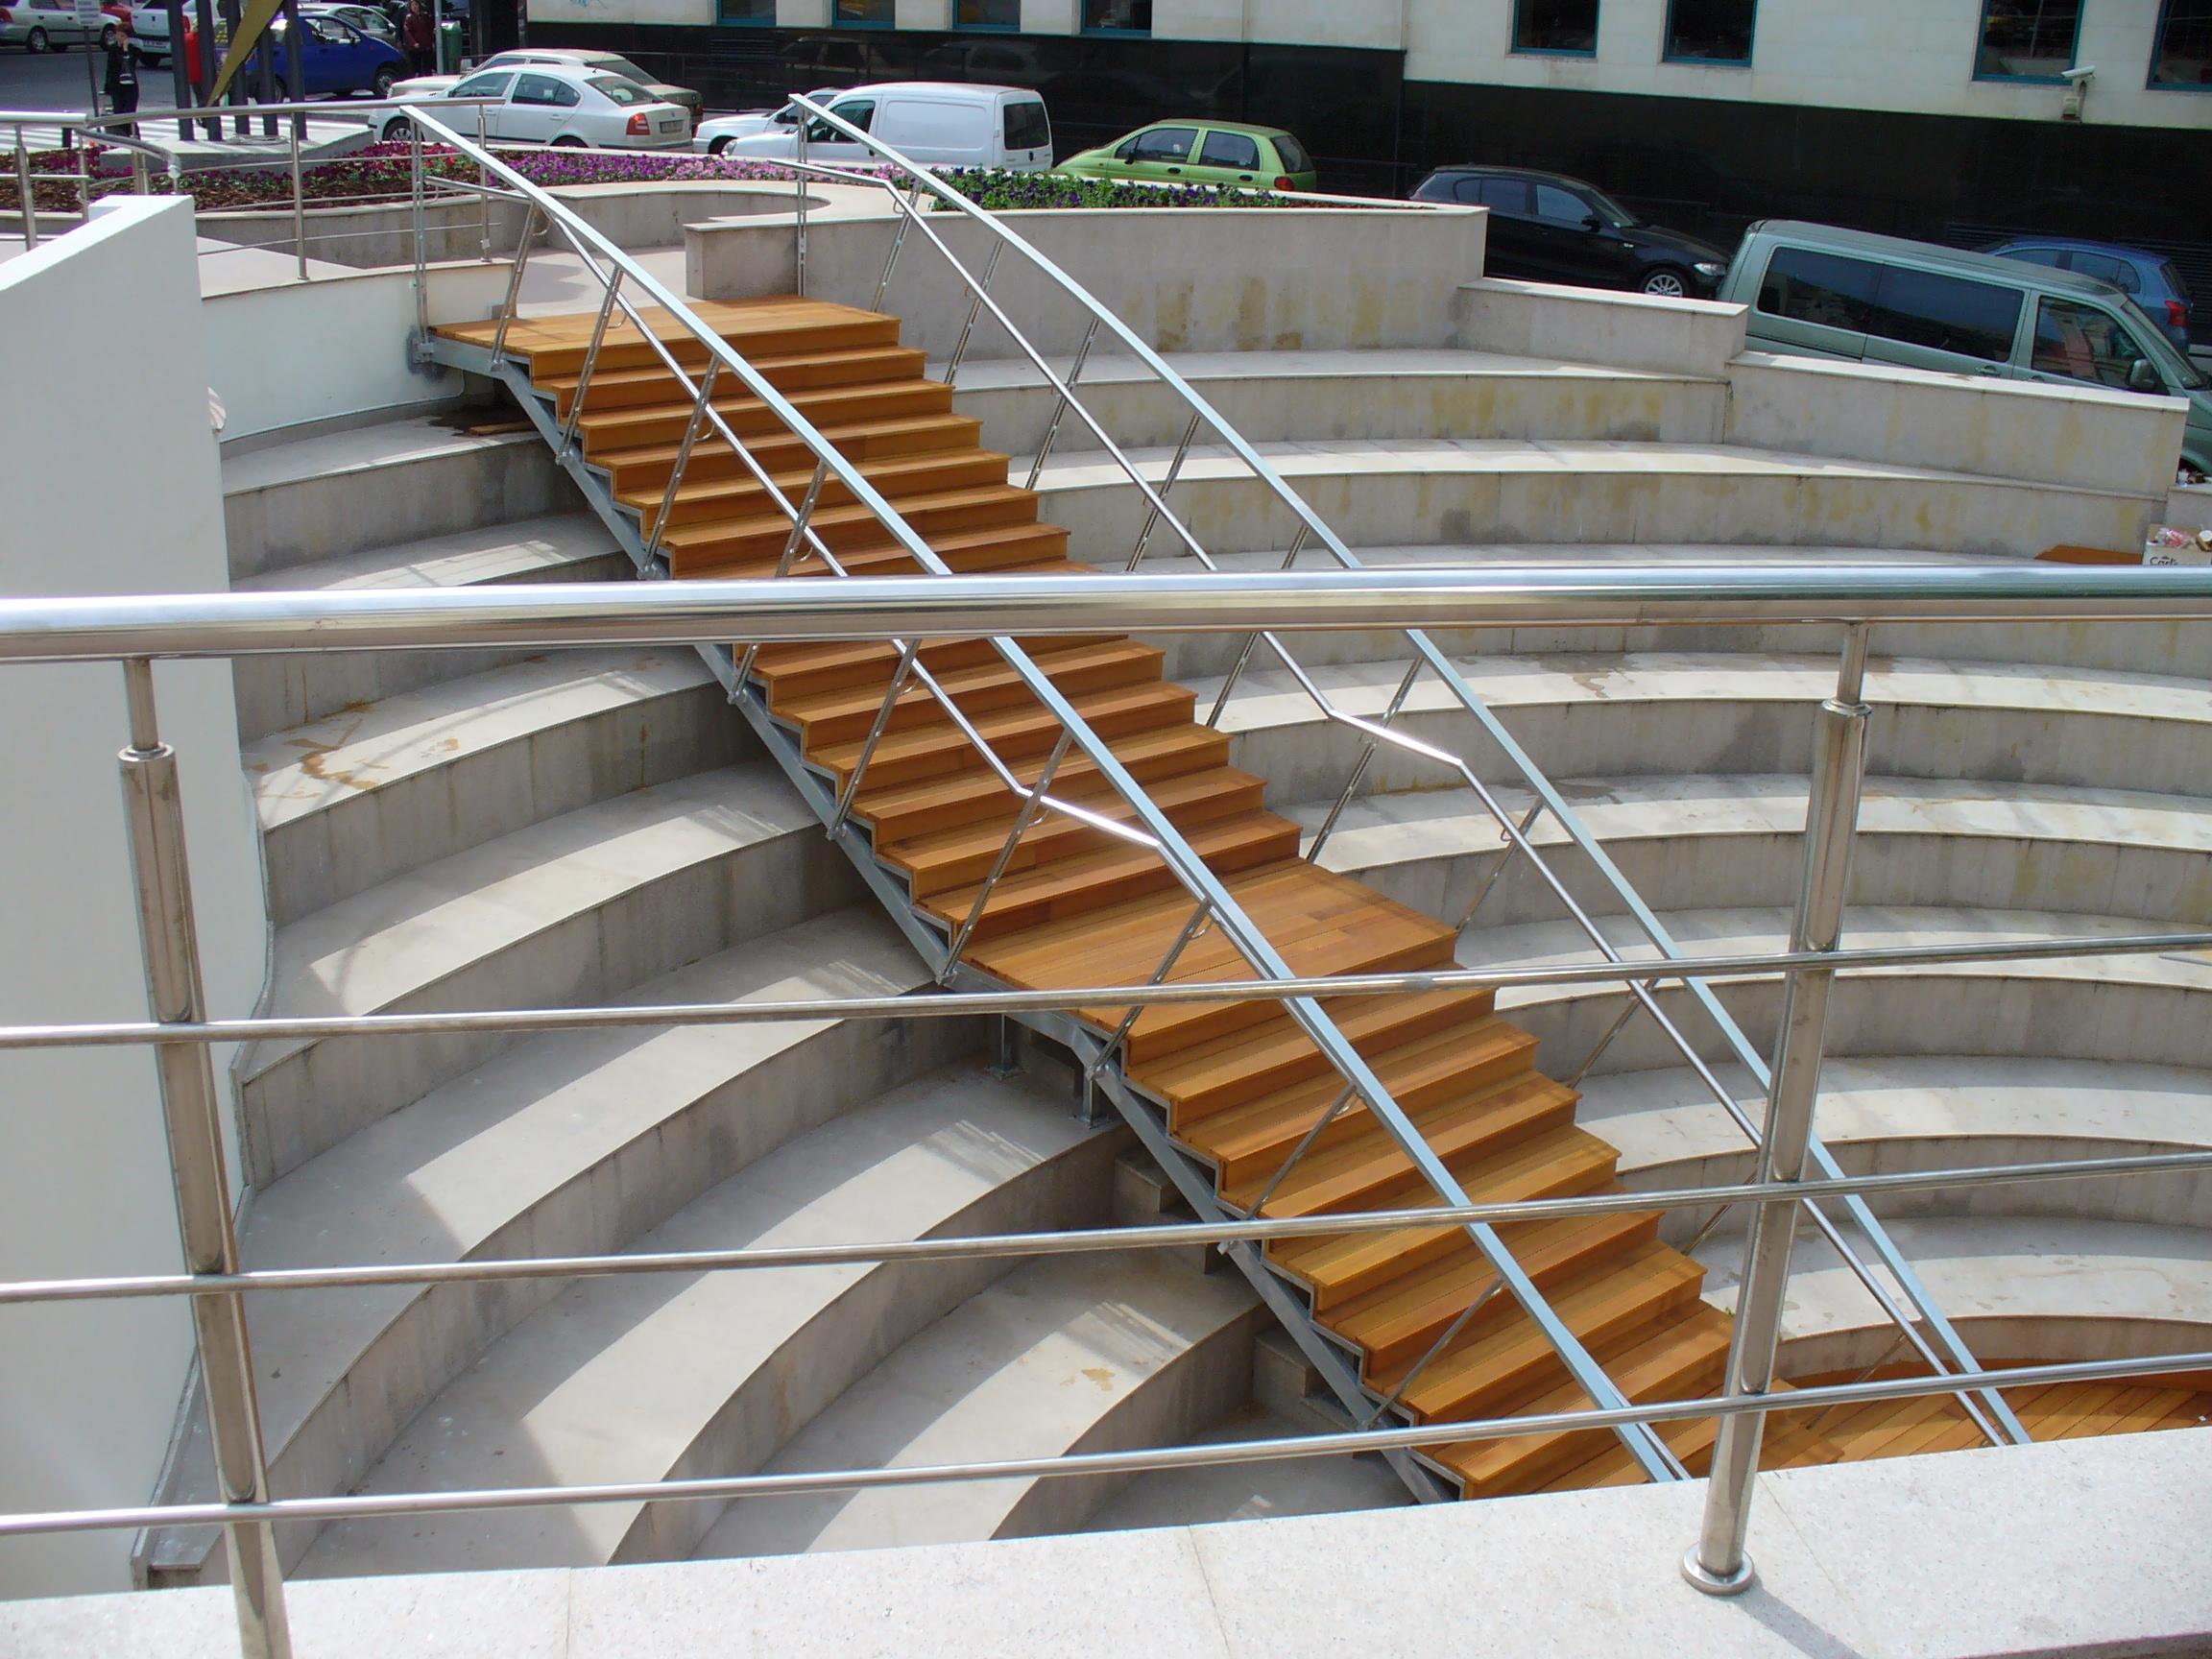 Deck-uri lemn - Guariuba SELVA FLOORS - Poza 40